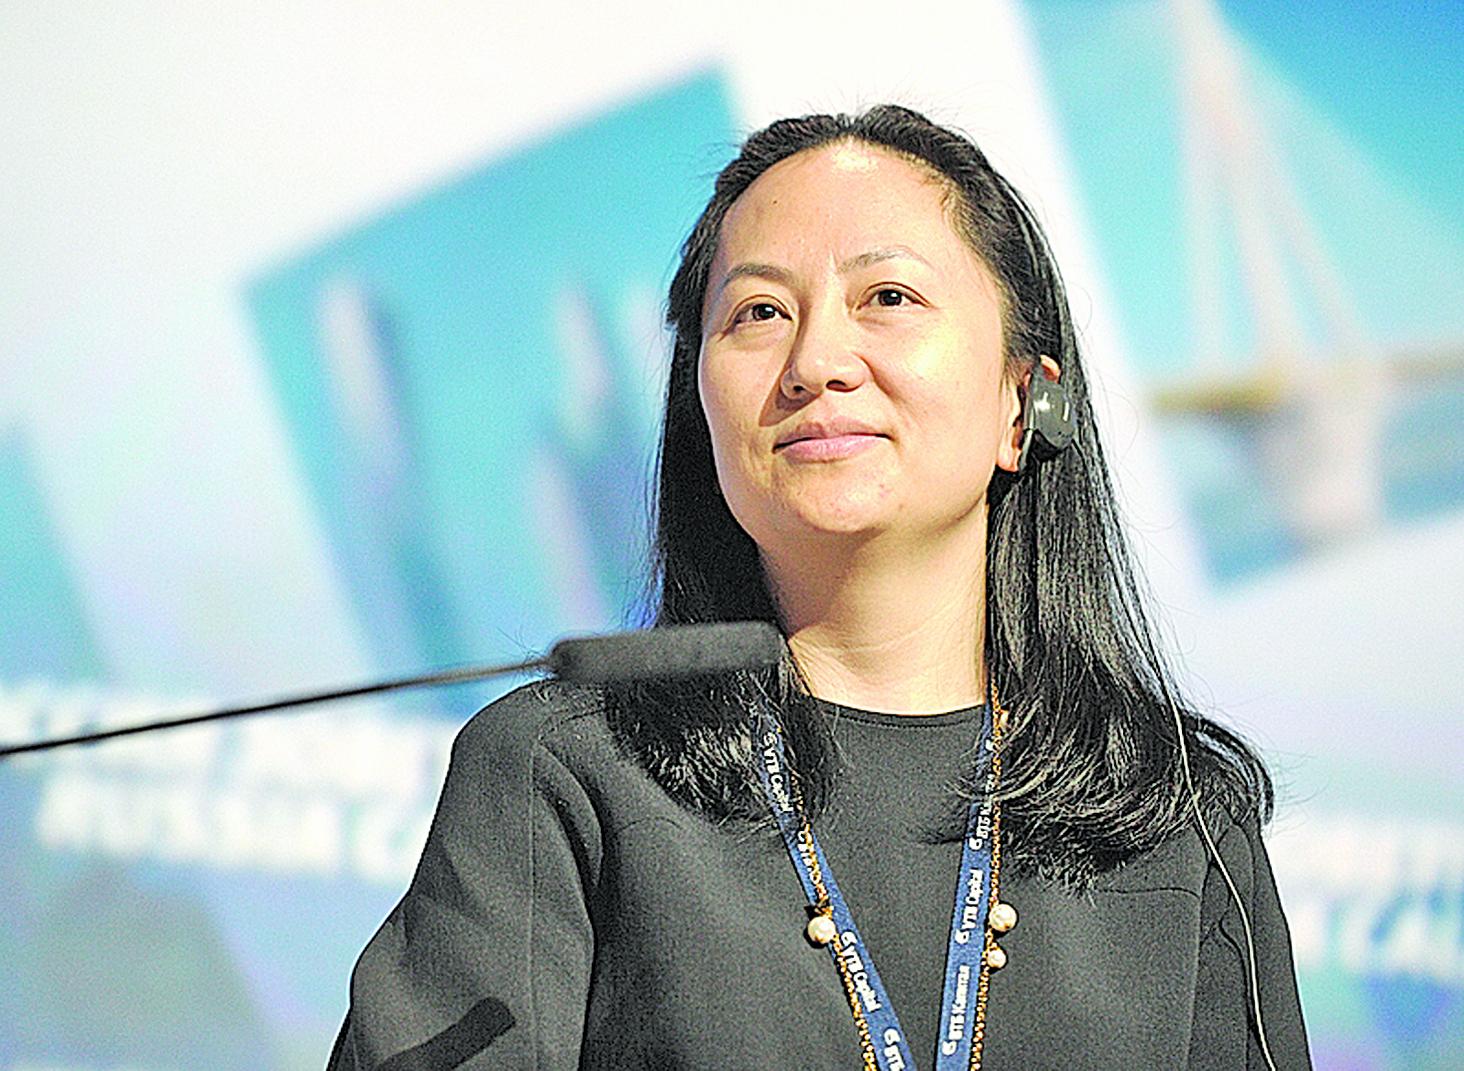 華為副董事兼首席財務官(CFO)孟晚舟,於5日晚間傳出在加拿大被捕。(大紀元資料室)